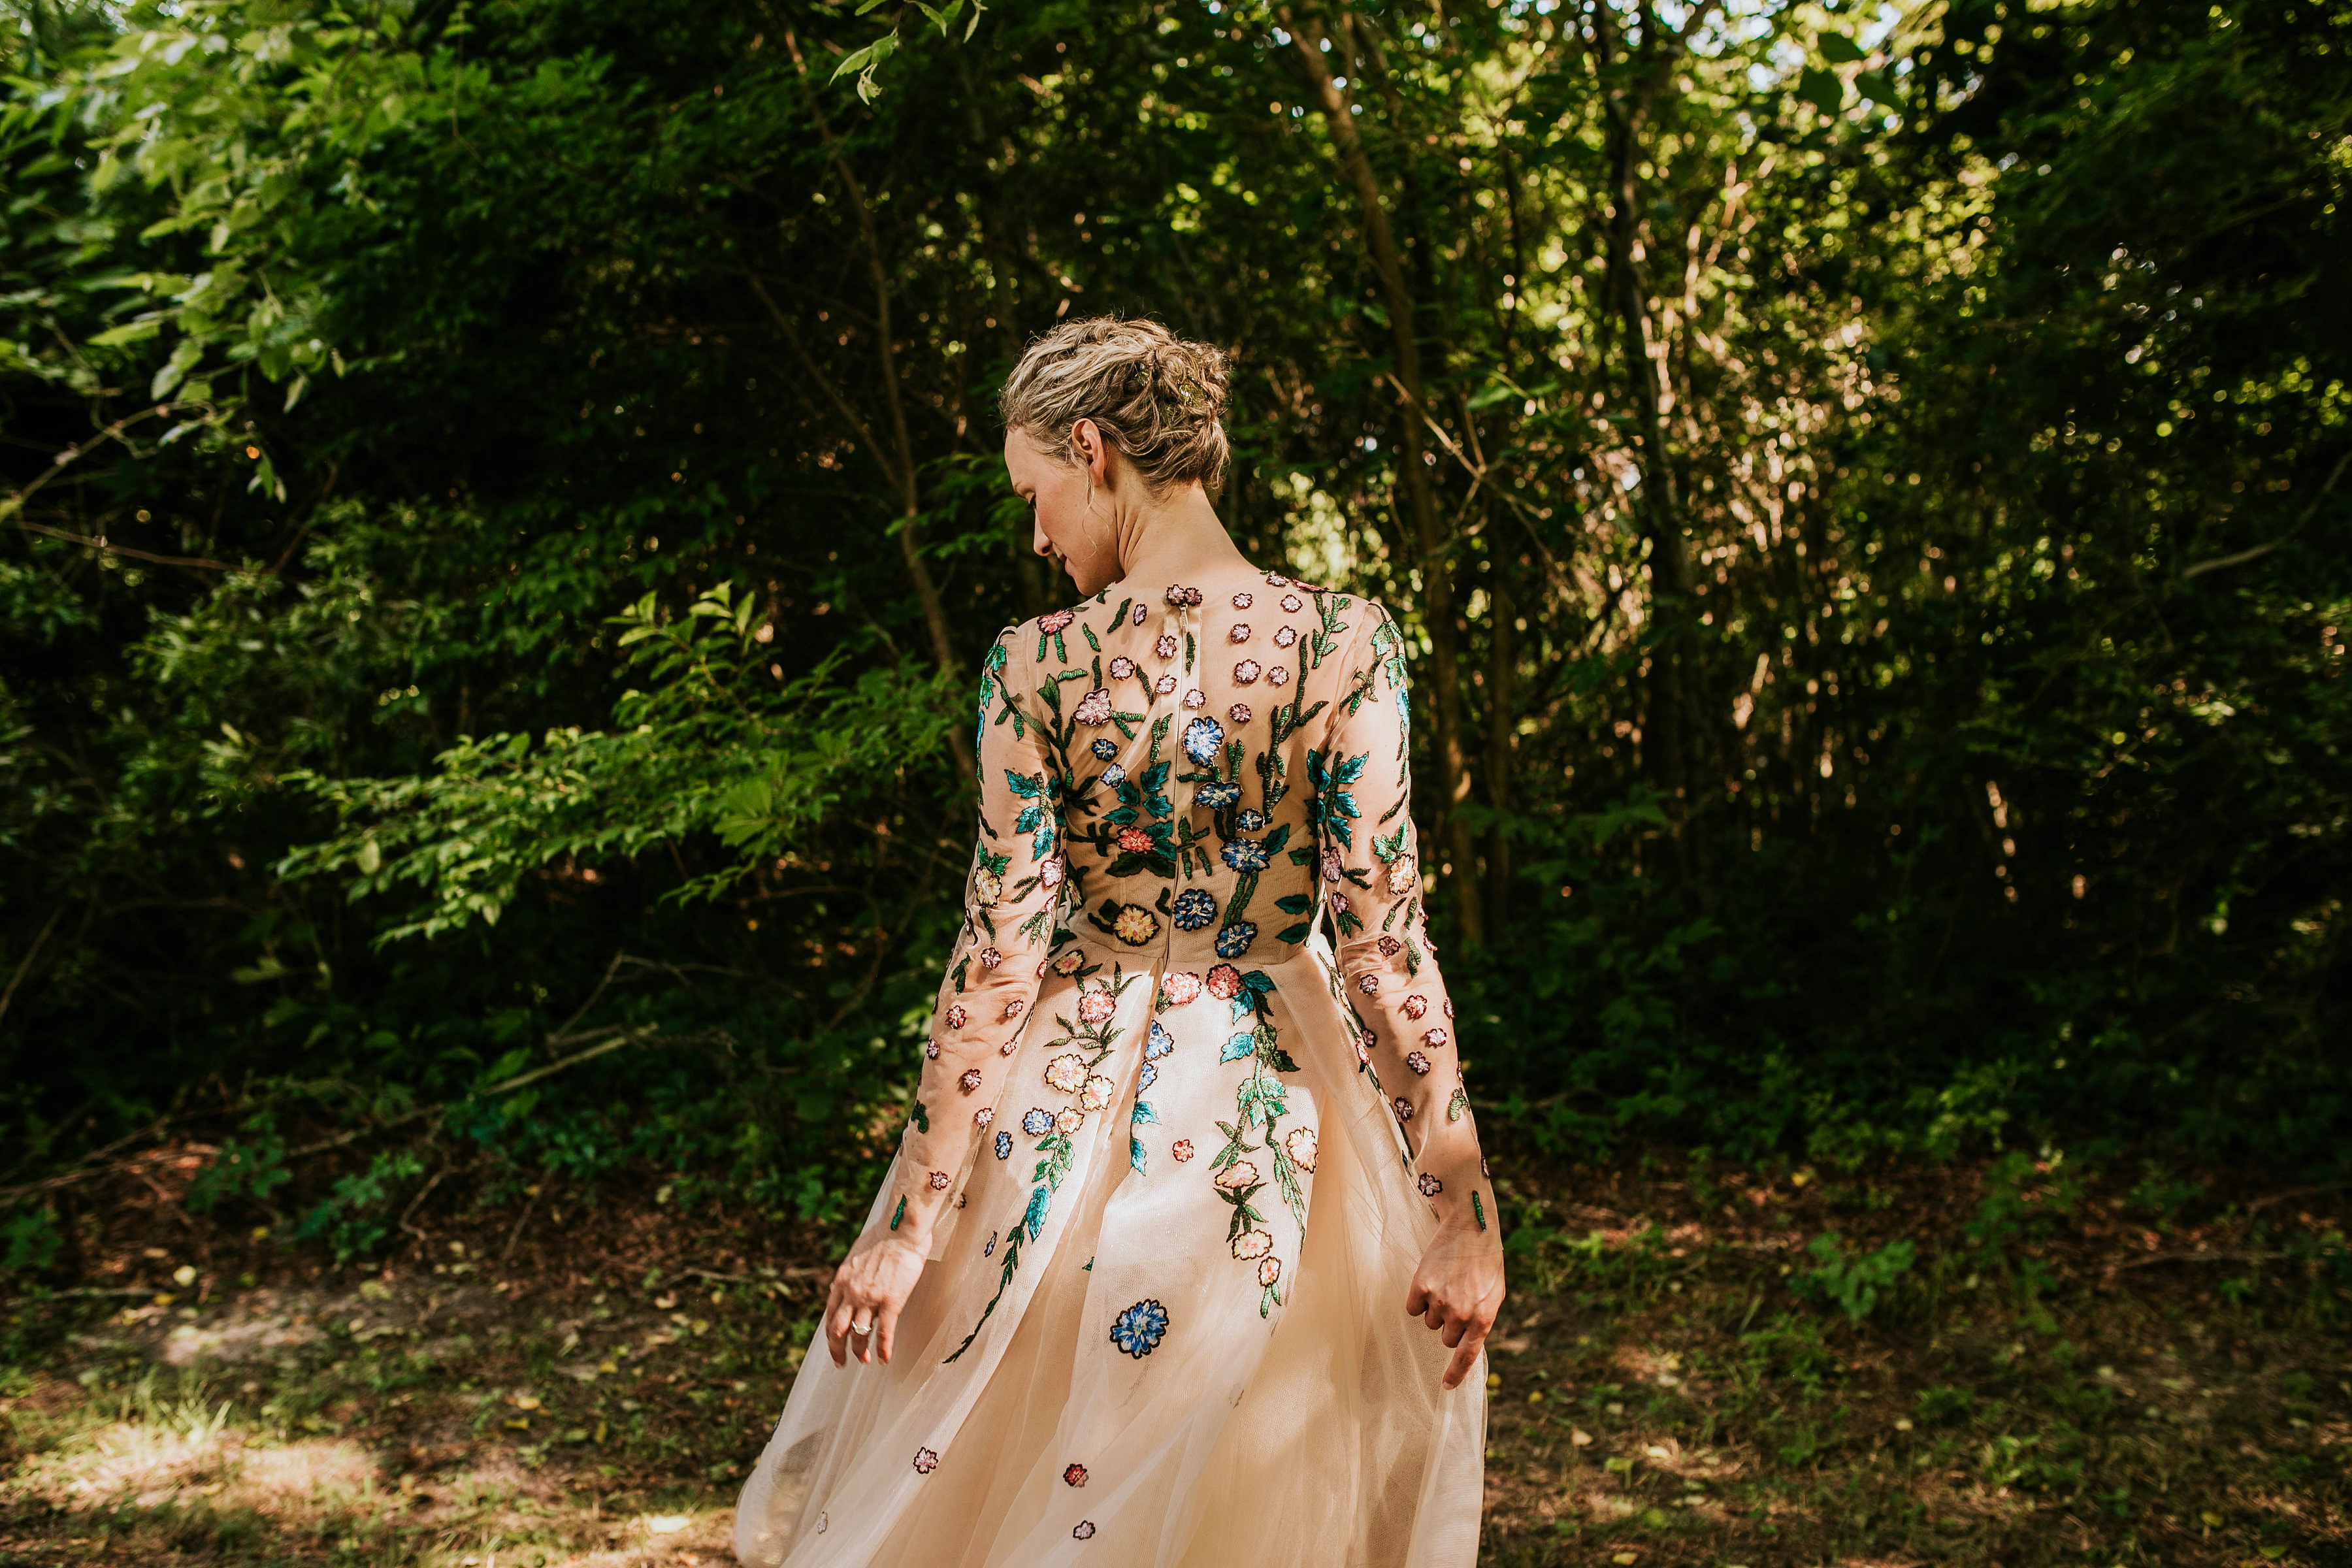 leah michael wedding bride floral long sleeves dress